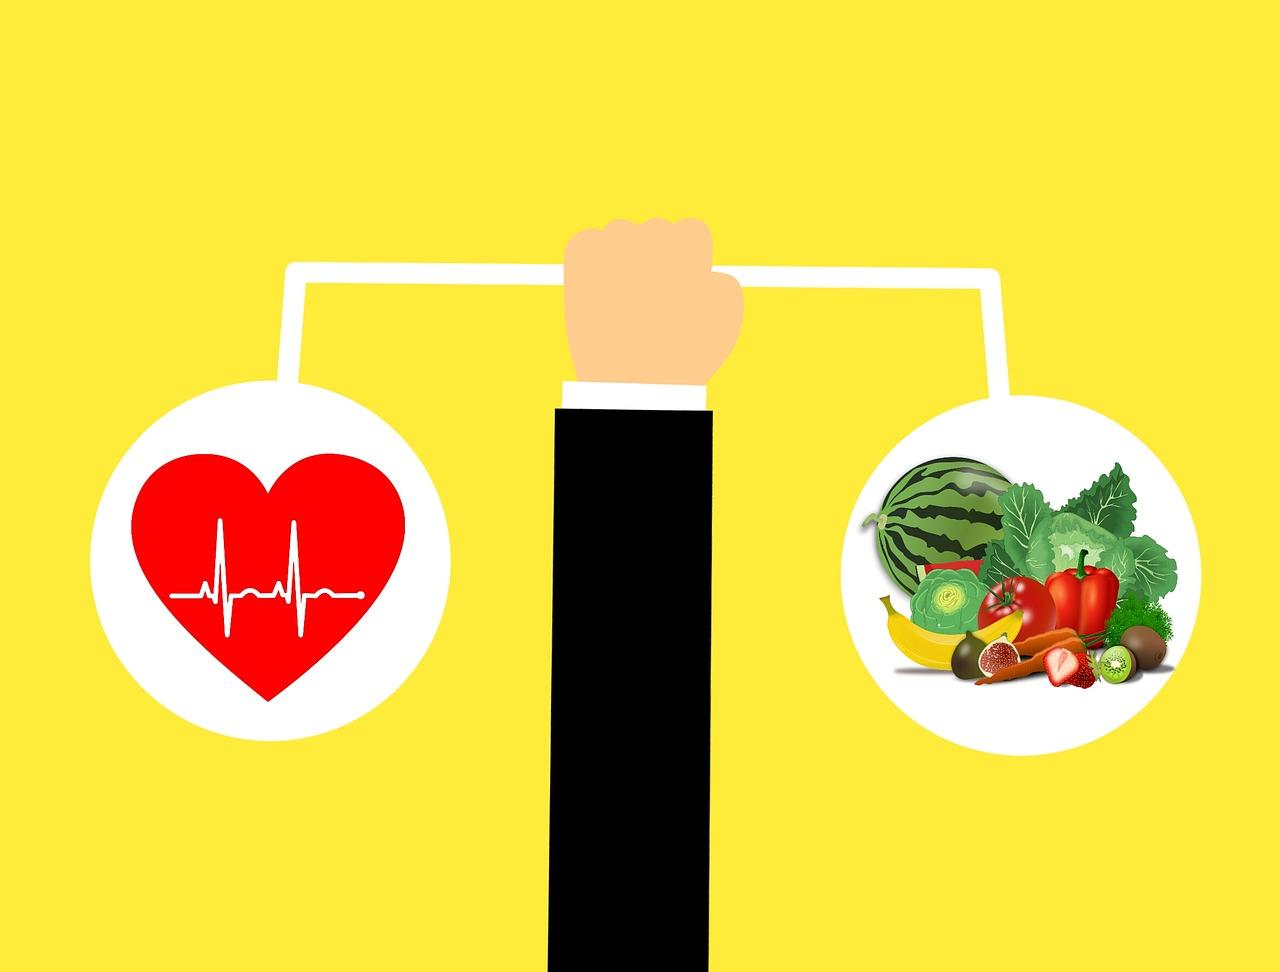 magas vérnyomás kezelés új módszer magas vérnyomás szédülés